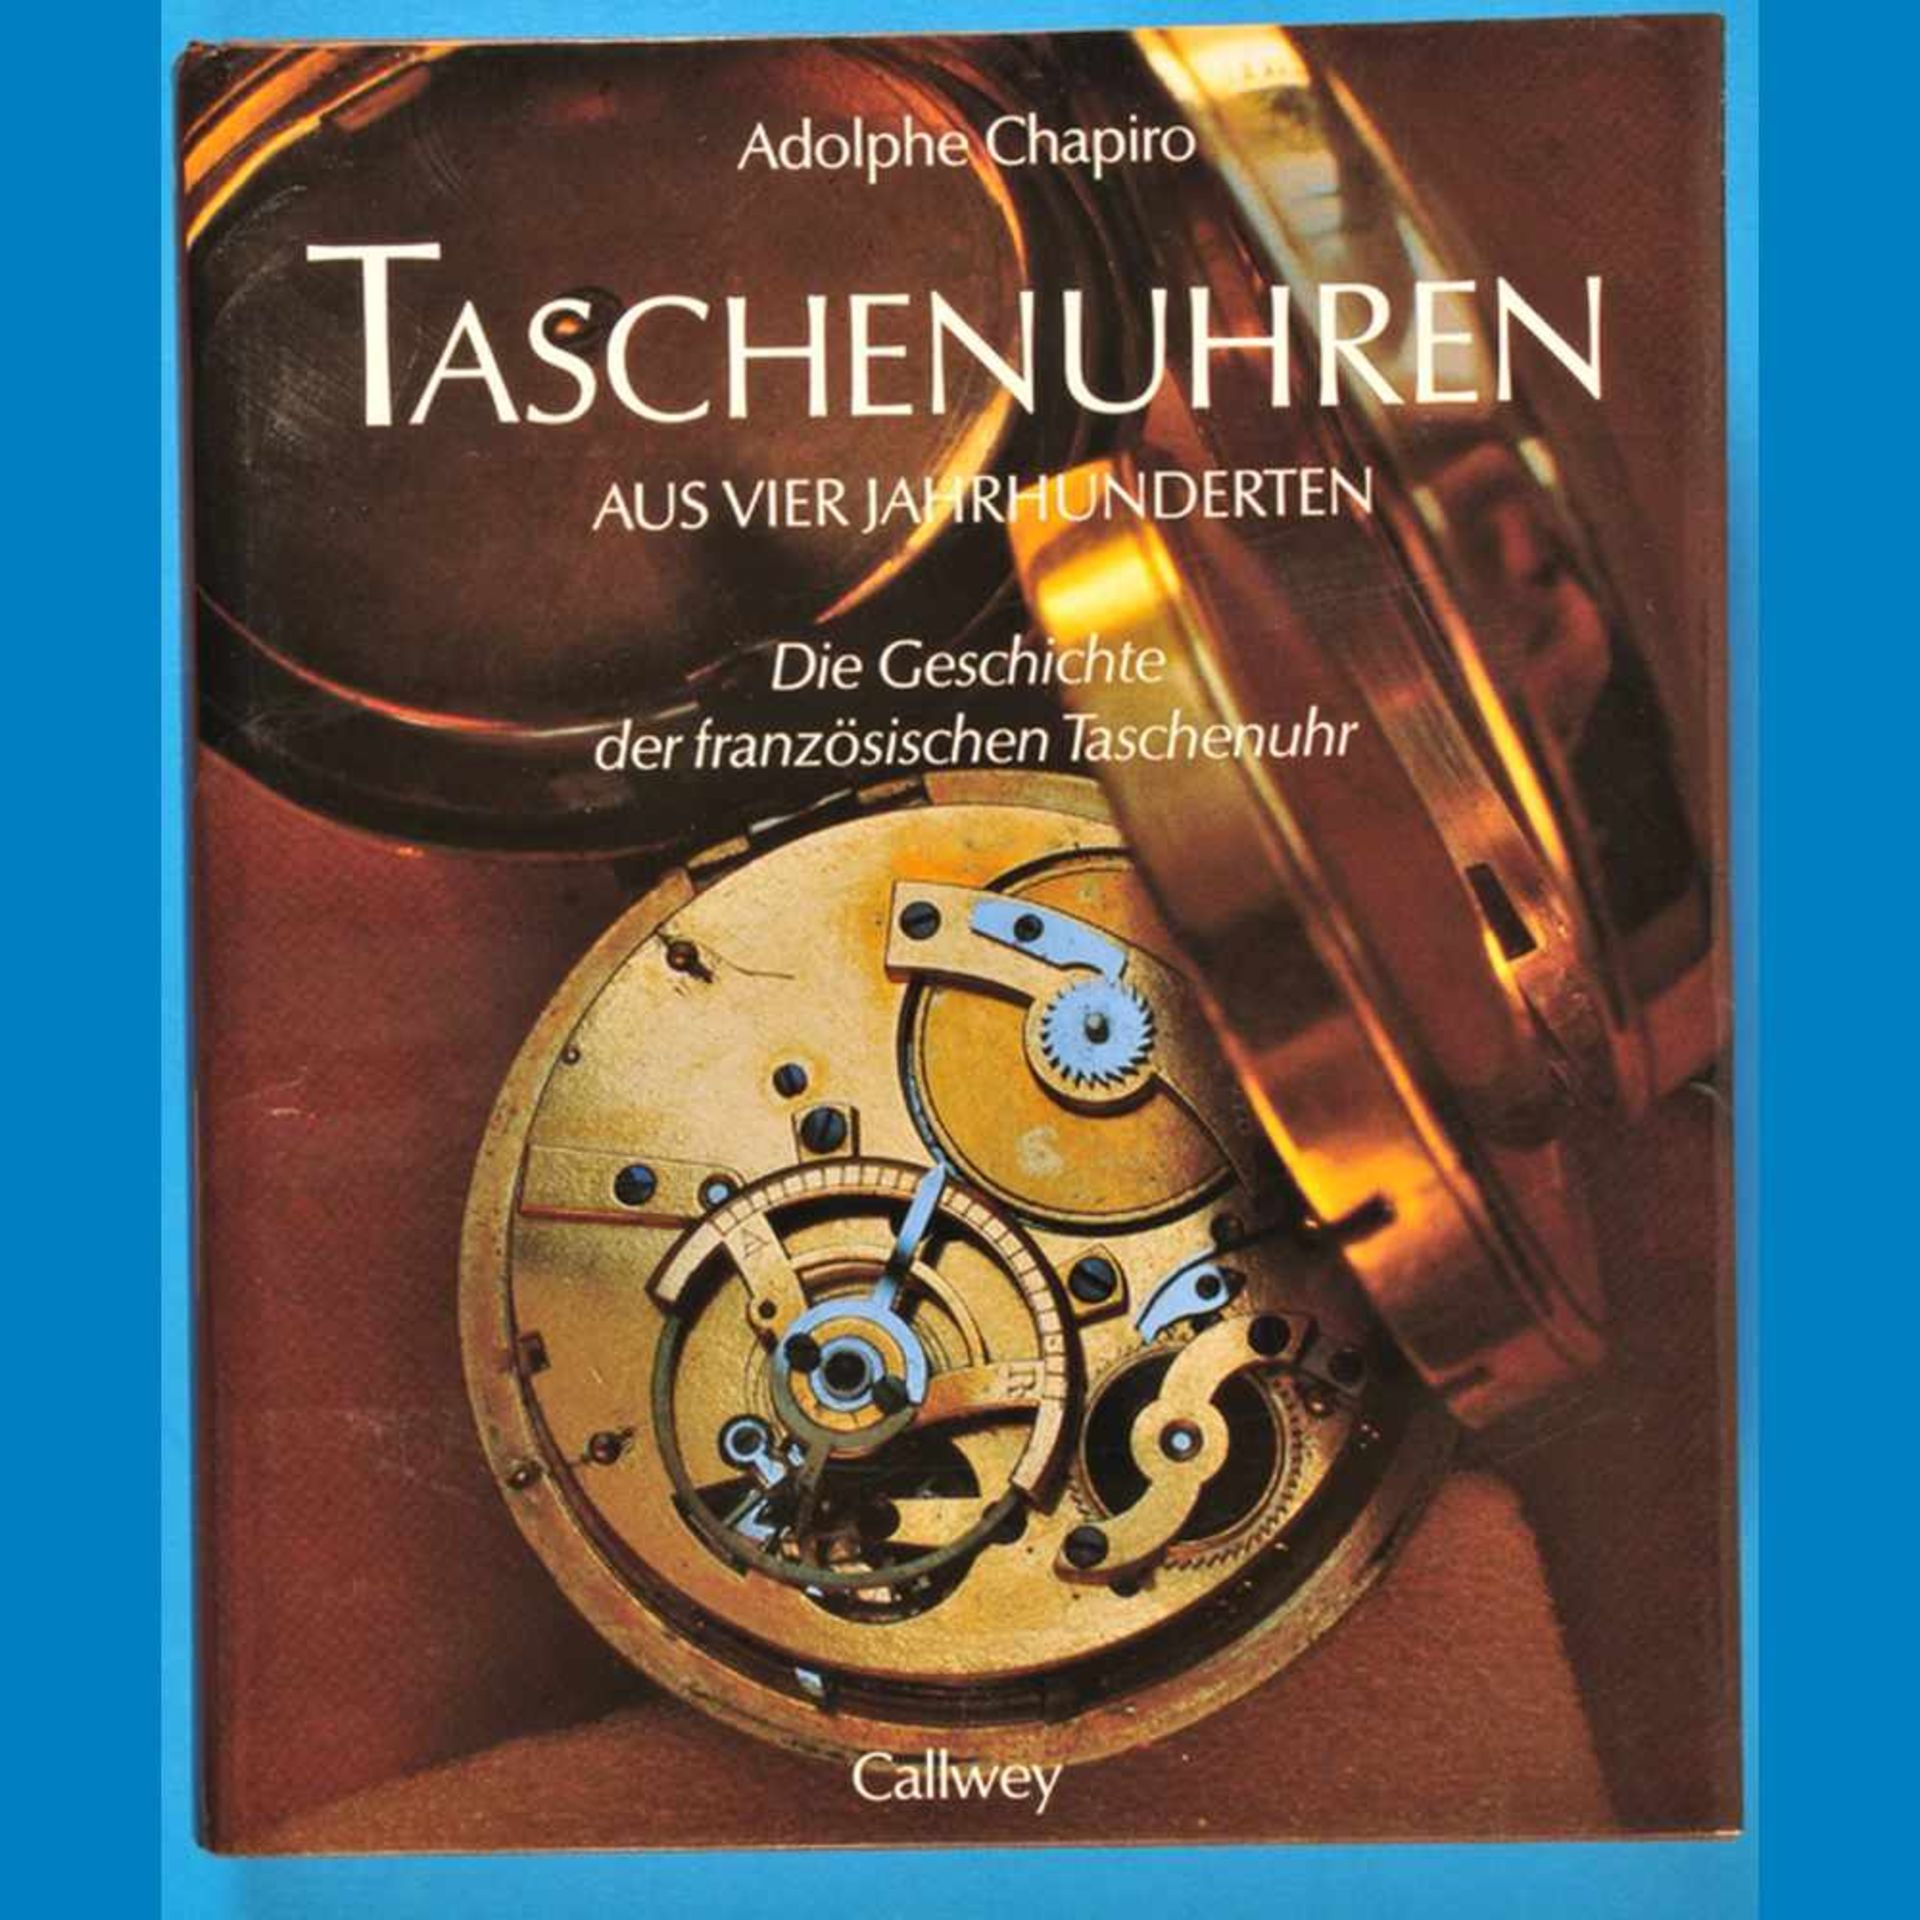 Adolphe Chapiro, Taschenuhren aus vier Jahrhunderten – Die Geschichte der französischen